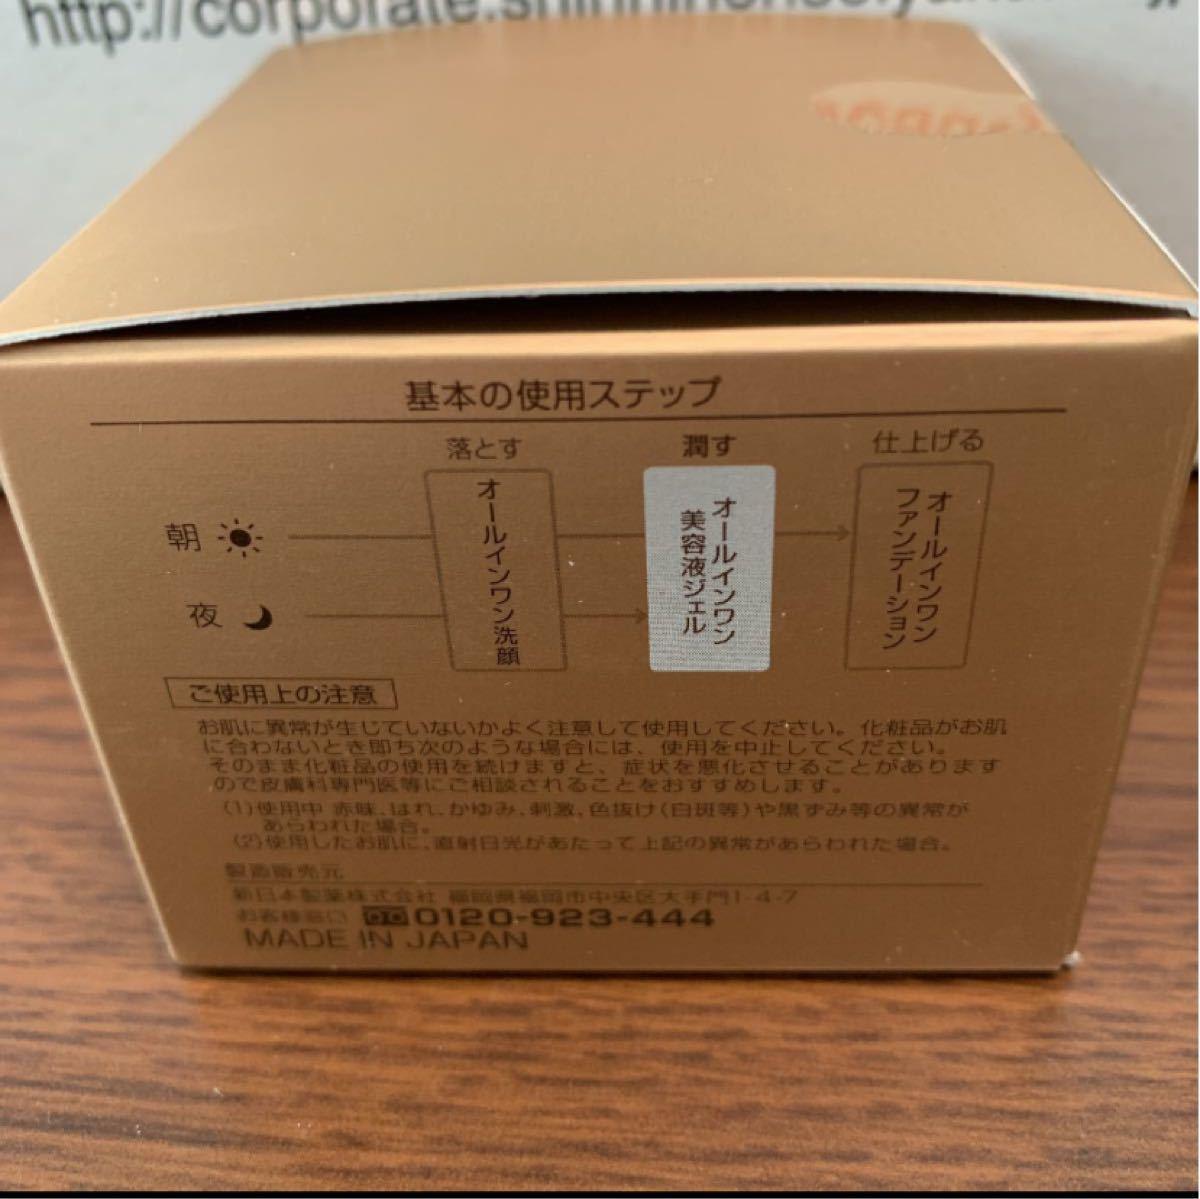 パーフェクトワン 薬用リンクルストレッチジェル 50g 新日本製薬